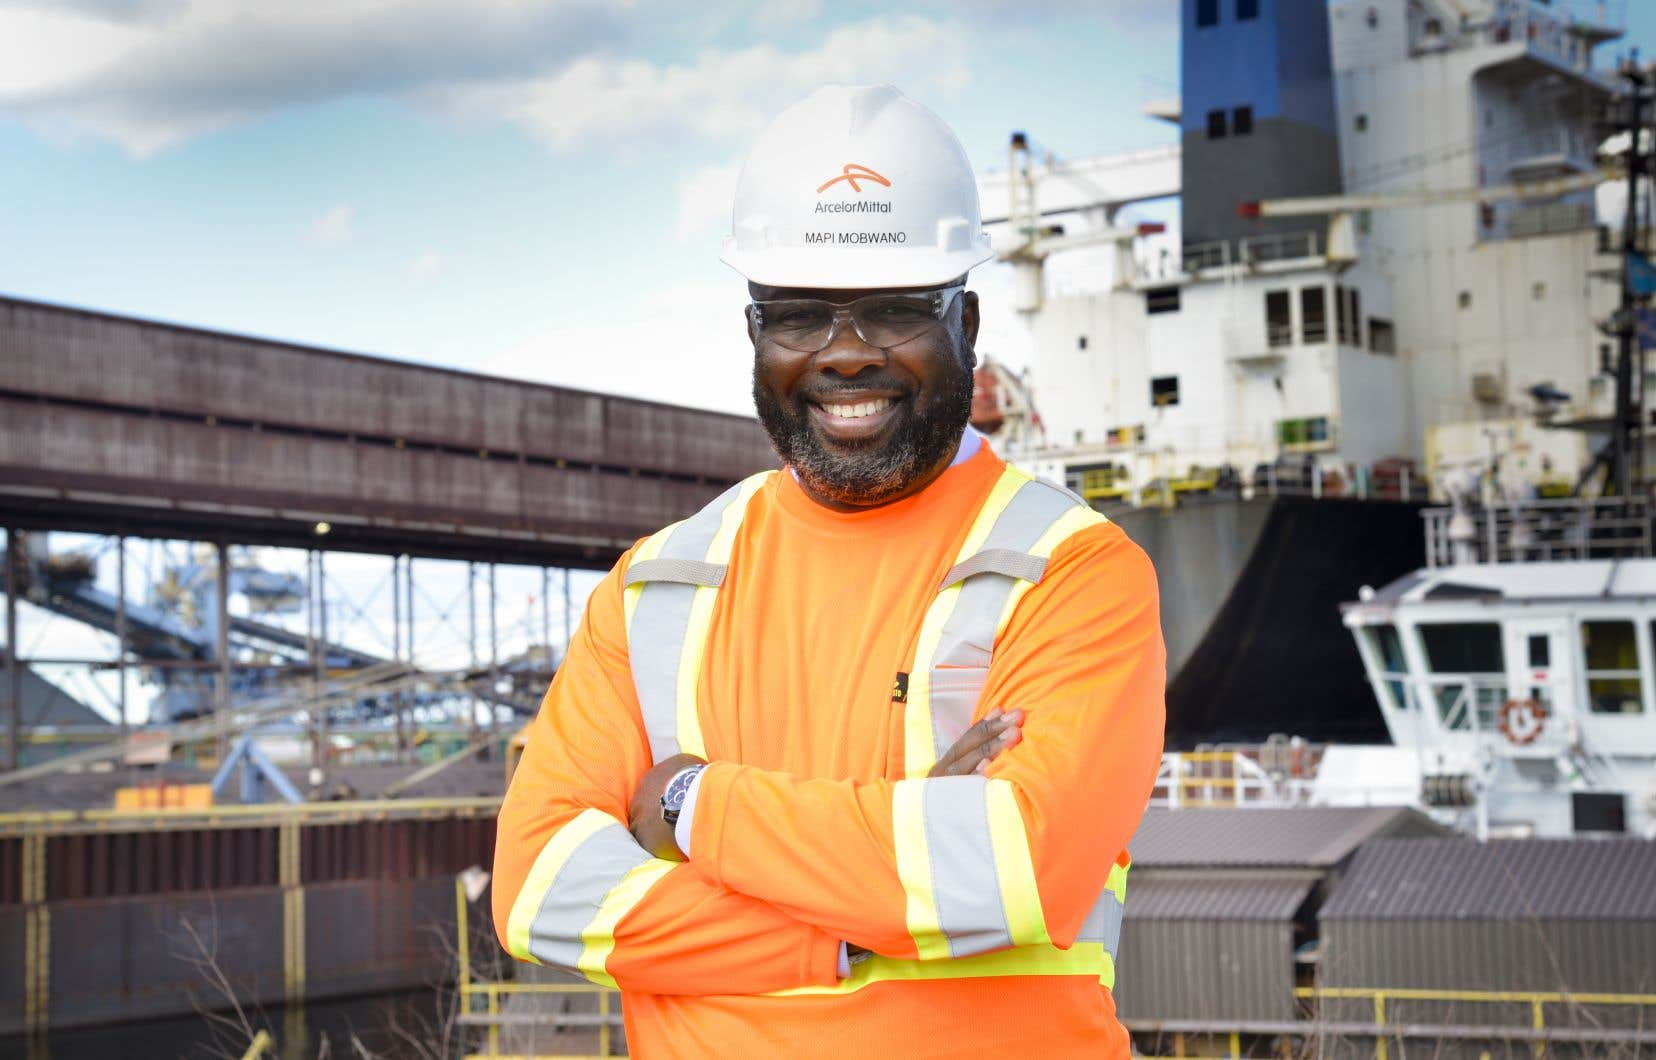 L'autre défi de Mapi Mobwano consiste à viser la carboneutralité pour 2050, une cible qu'Arcelor Mittal entrevoit pour toutes ses installations à travers le monde.